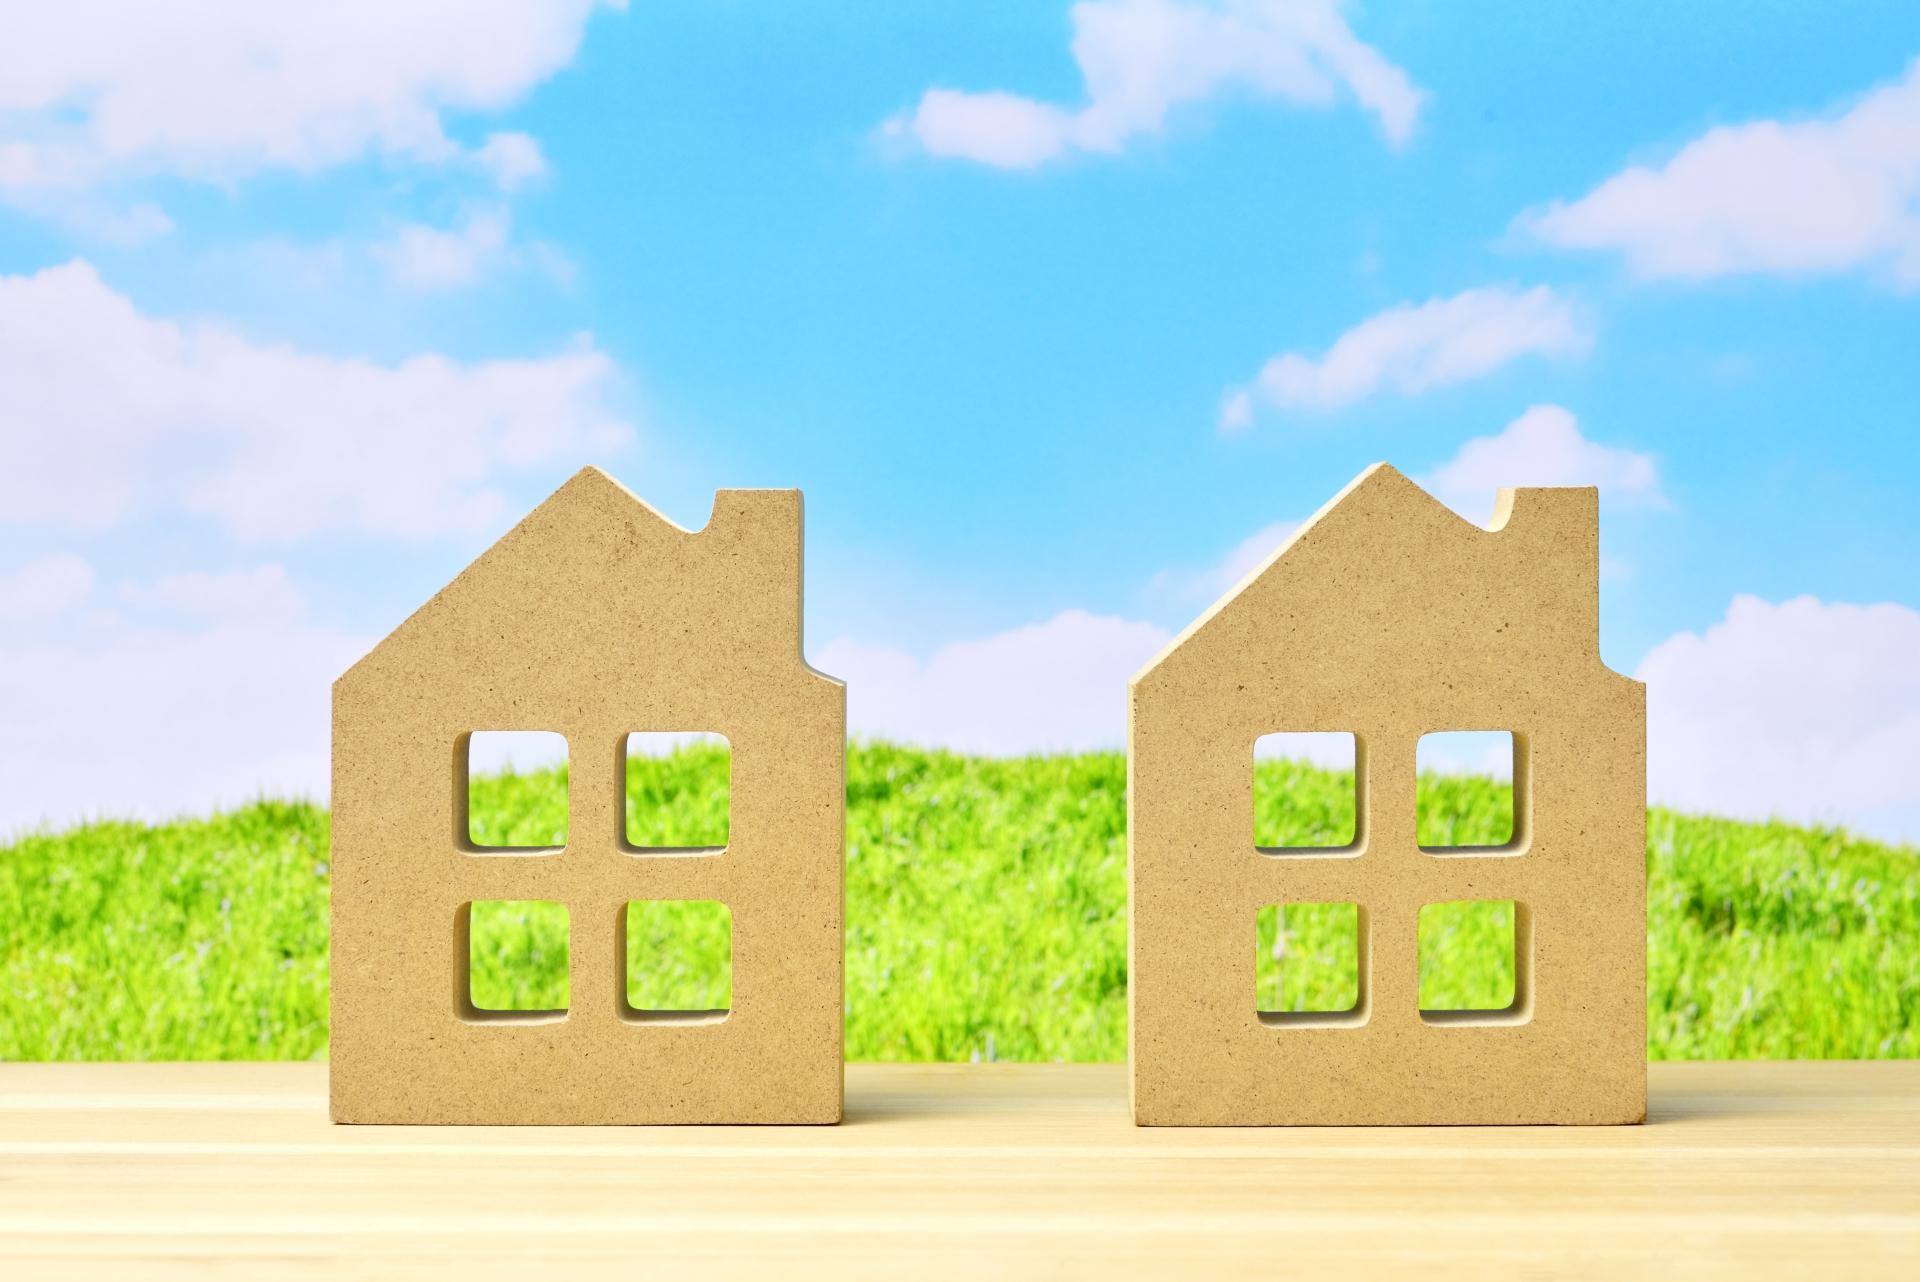 「規格住宅」のメリットとデメリット